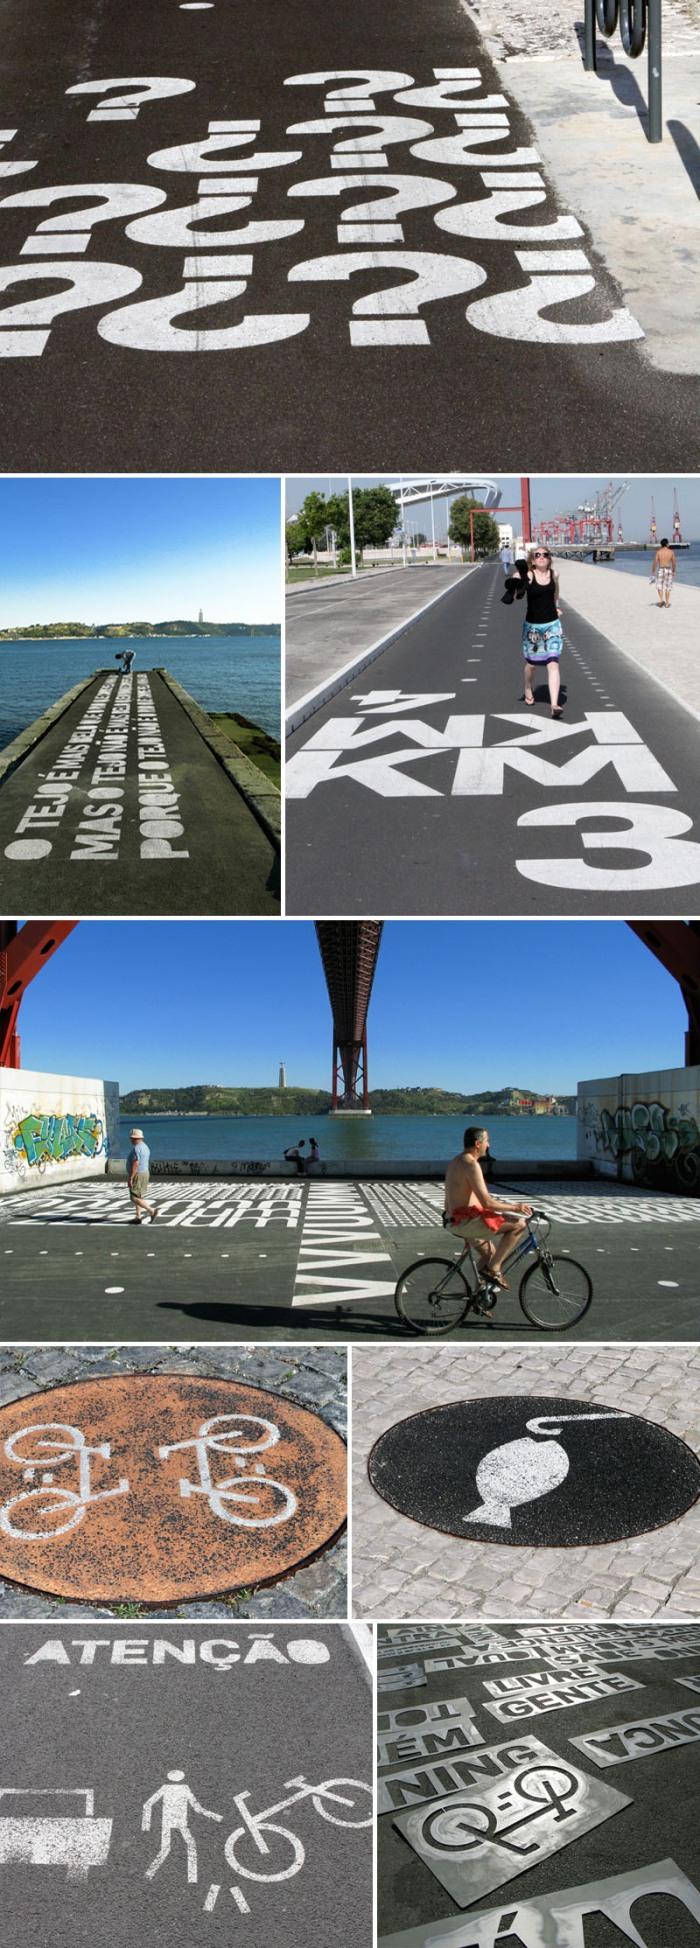 Bikeway Belém, Lisbon, Portugal, Typographic bike routes, wayfinding, symbols, collabcubed